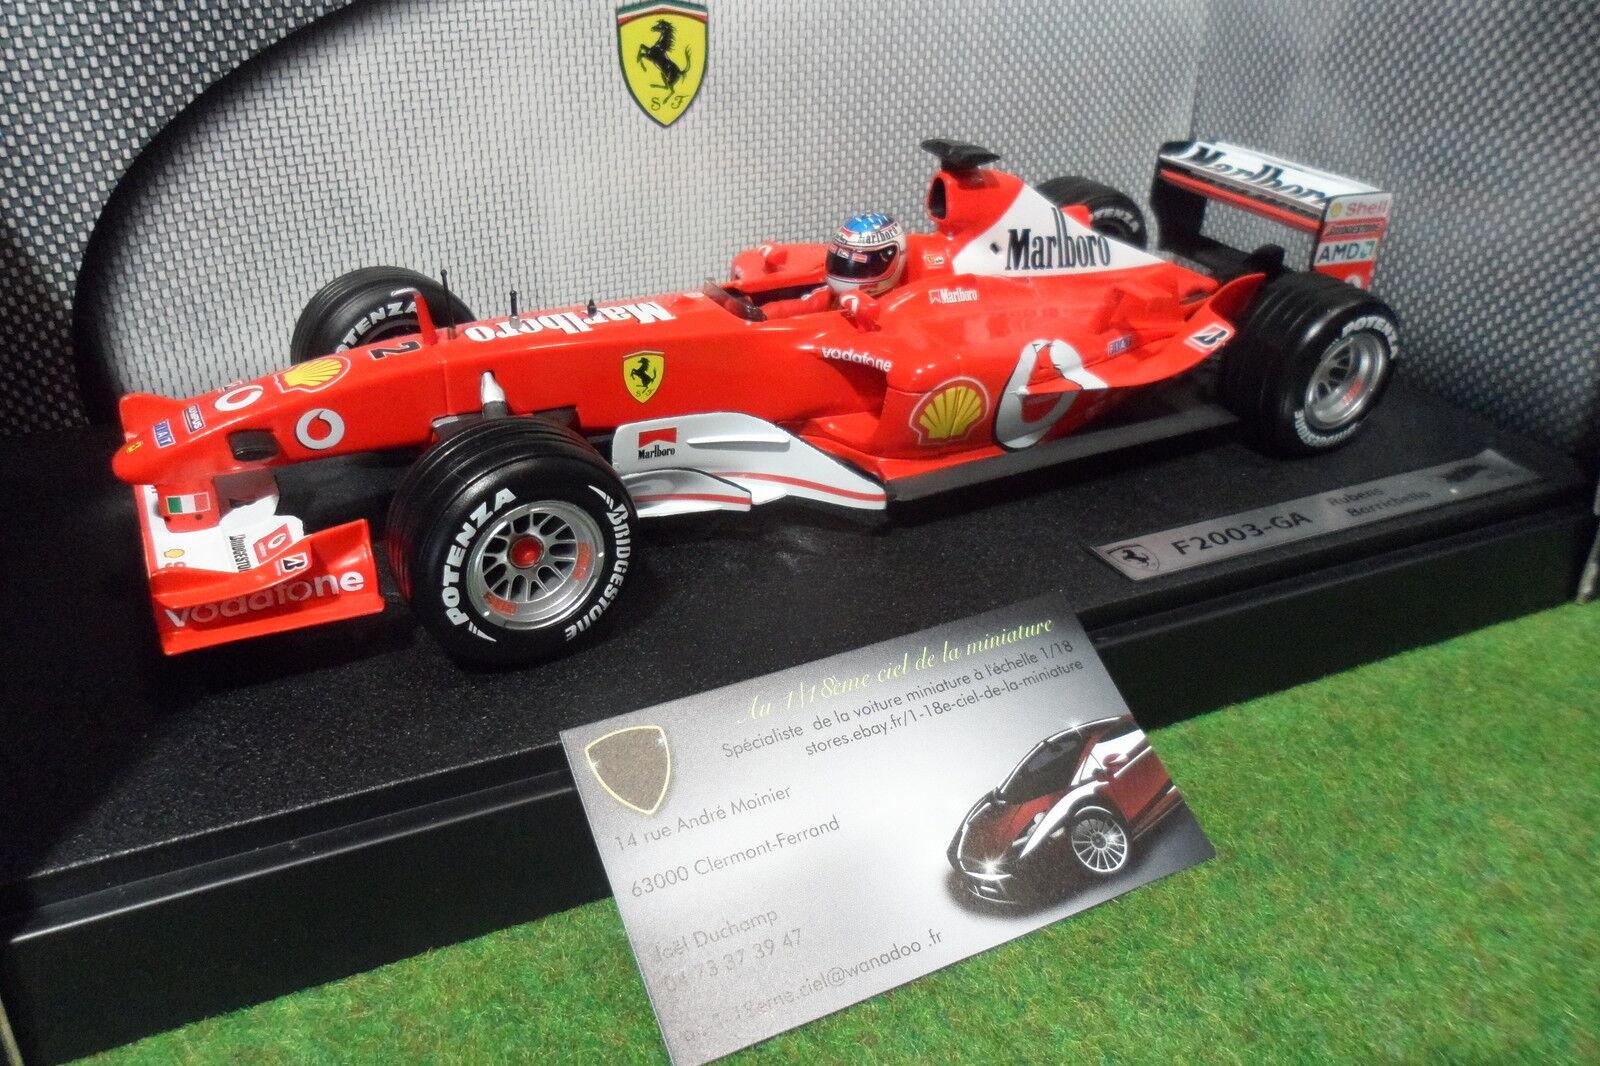 F1 FERRARI F2003 GA R. BARRICHELLO SPONSOR MARLBor au 1 18 HOT WHEELS formule 1